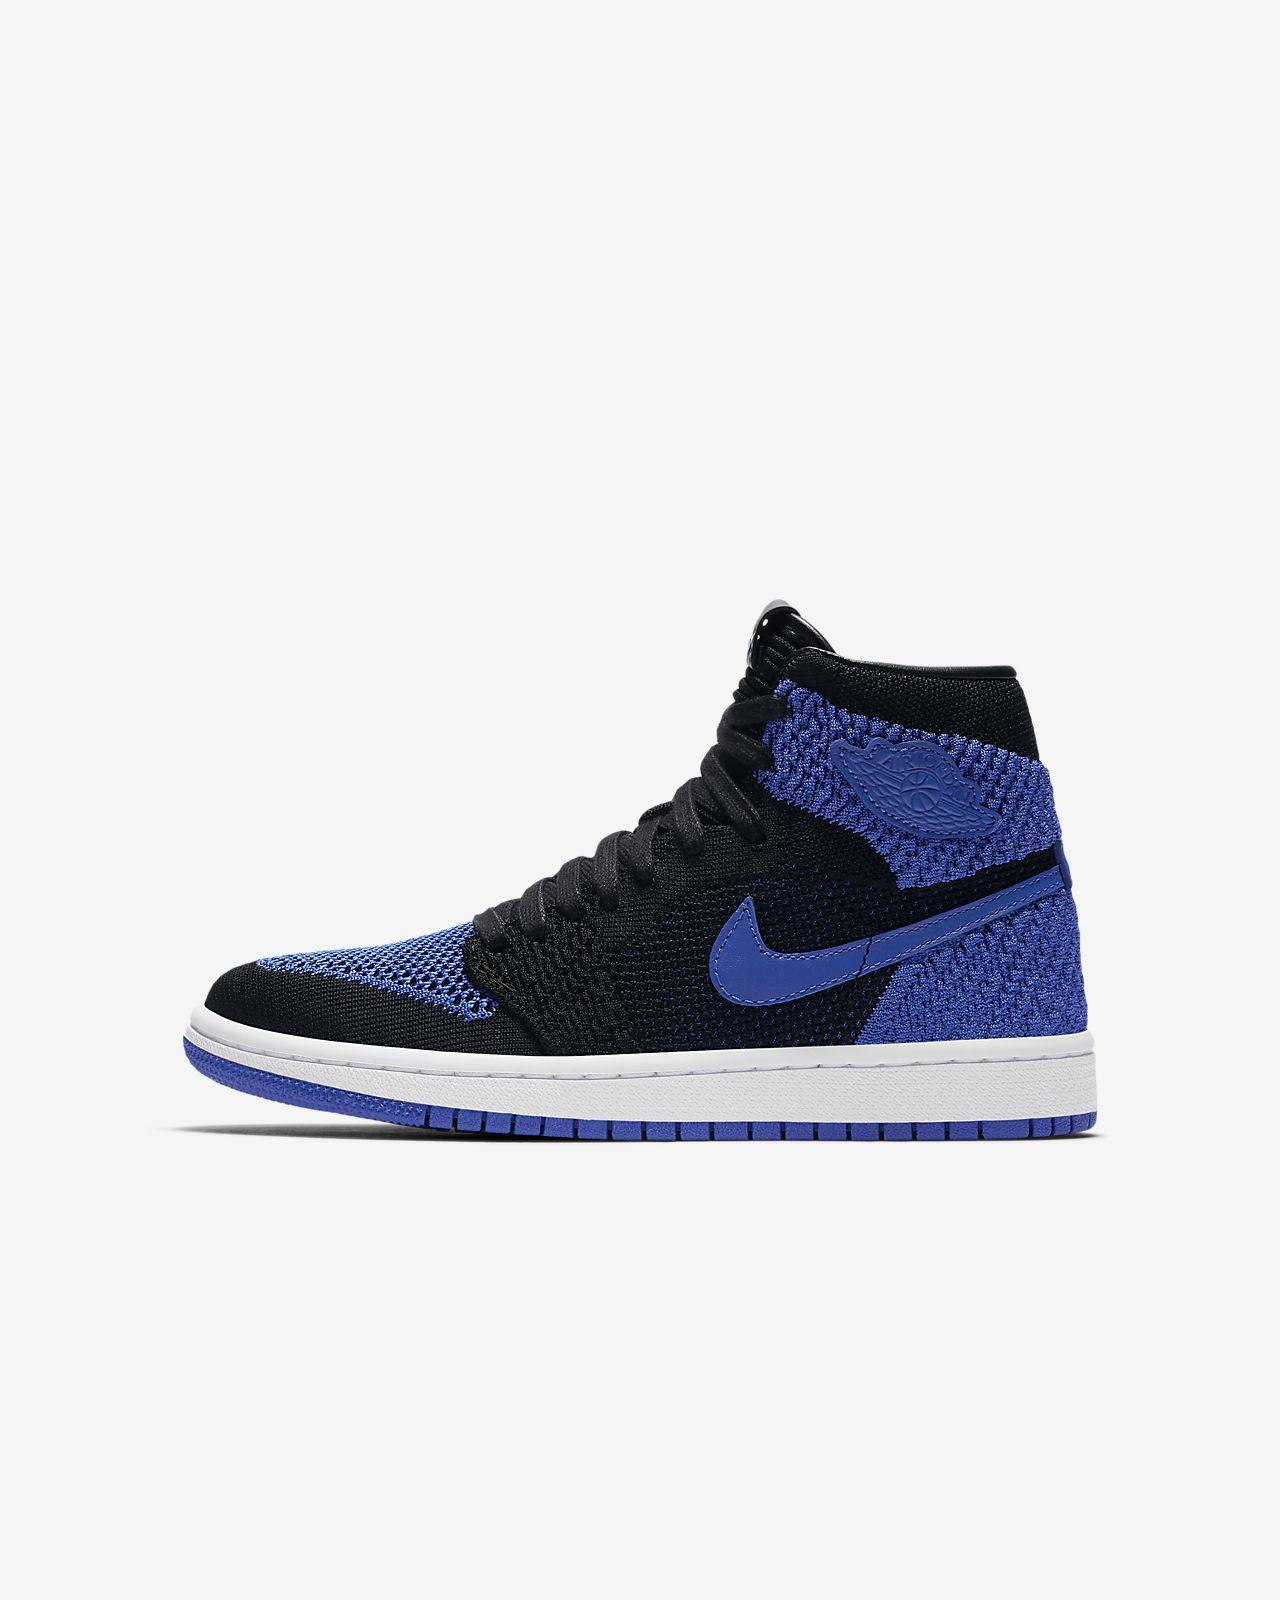 d5ca50153bc Chaussure Air Jordan 1 Retro High Flyknit pour Enfant plus âgé. Nike ...